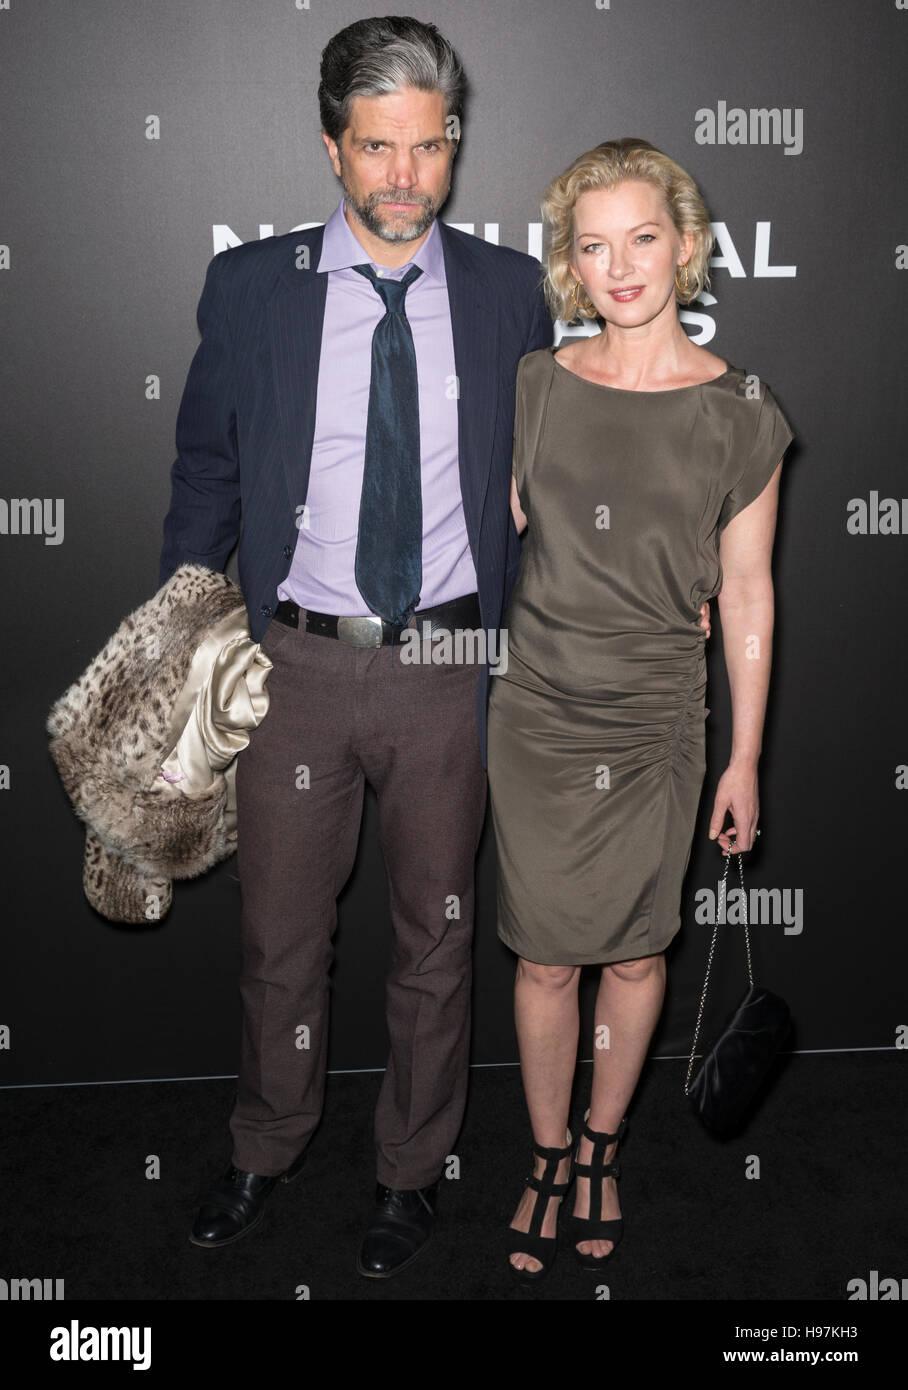 La Ciudad de Nueva York, EE.UU. - 17 noviembre, 2016: Tod Williams y la actriz Gretchen Mol asistir a la 'animales Imagen De Stock